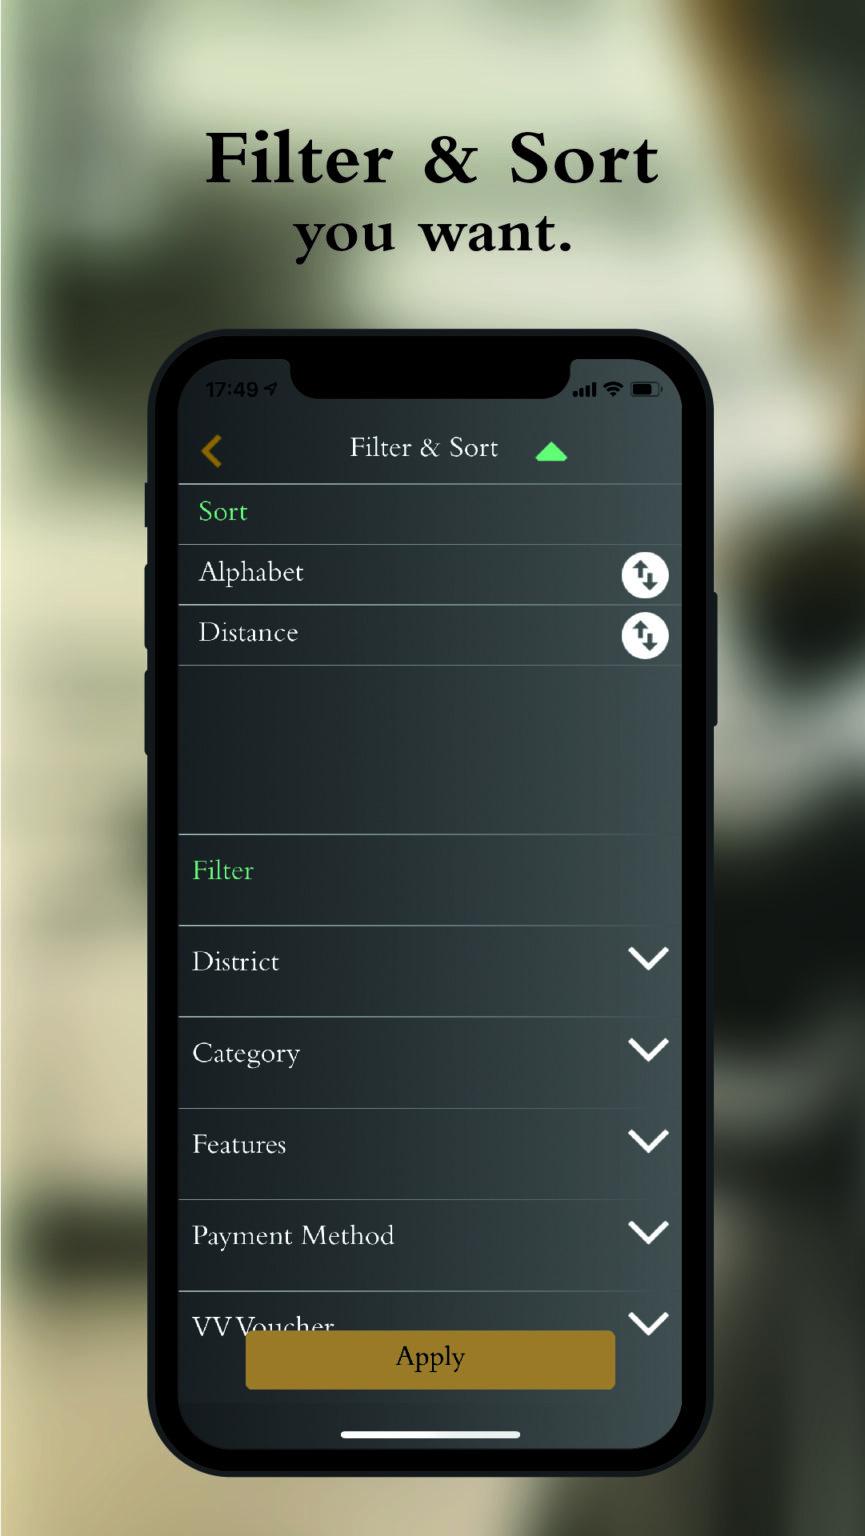 3 FilterandSort